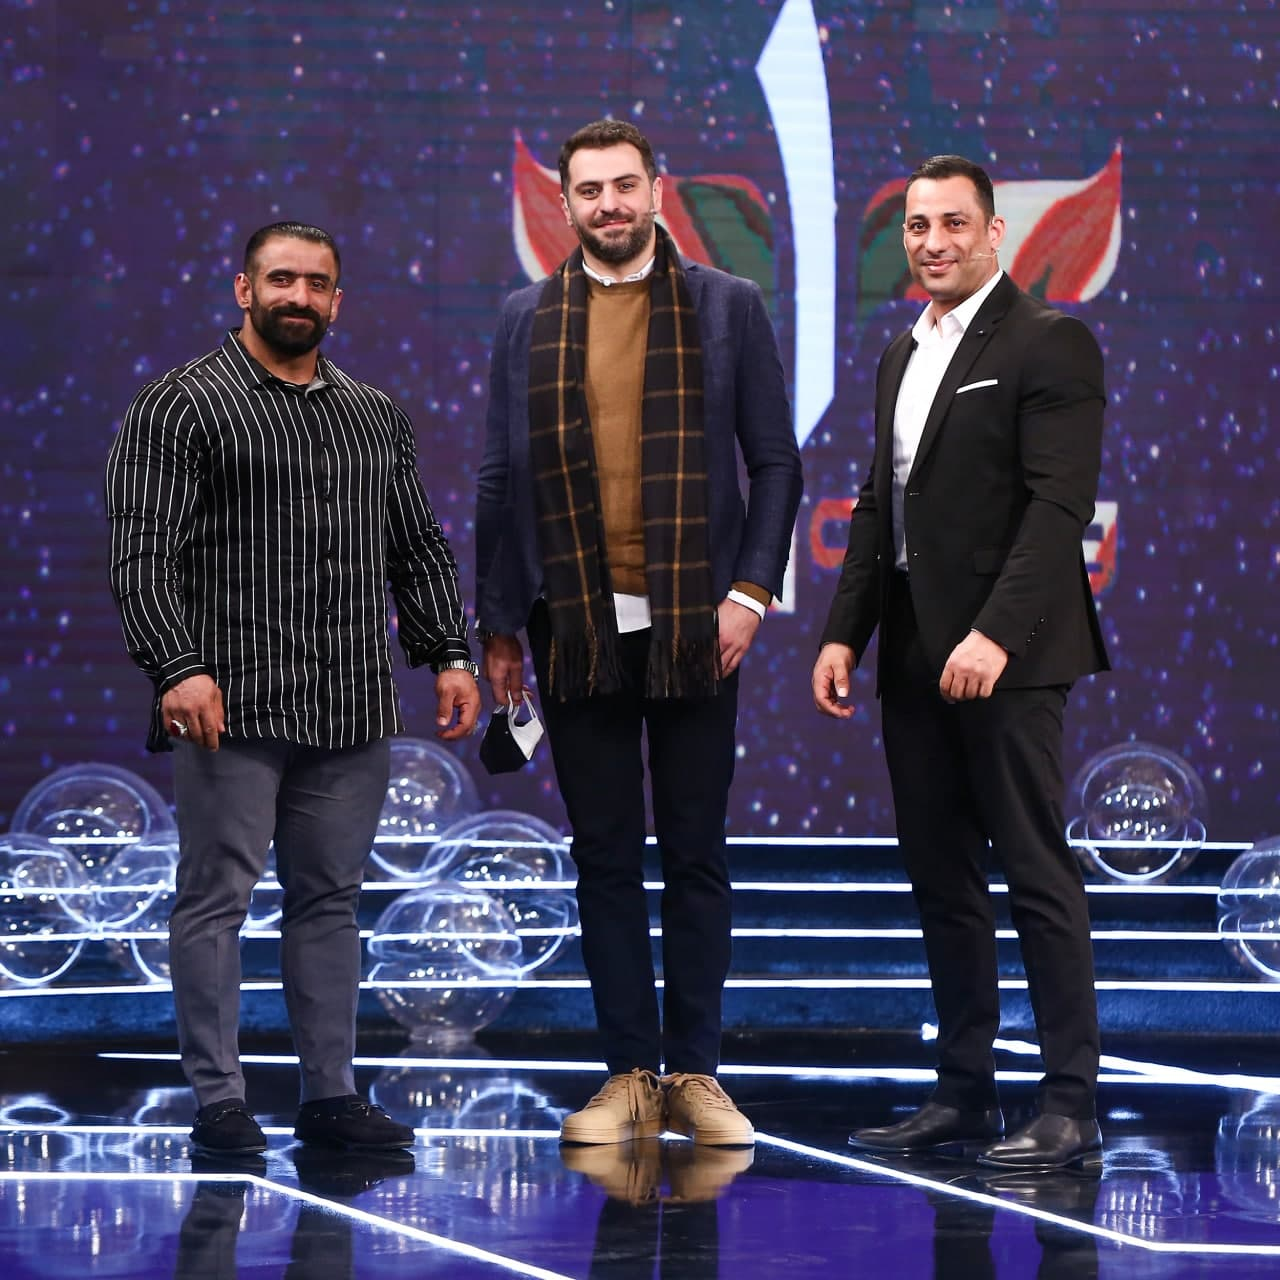 هادی چوپان قهرمان پرورش اندام ایران و دارنده عنوان چهارمی مستر المپیای 2020 در برنامه اخیر «فرمول یک» به میزبانی علی ضیاء حضور یافت.